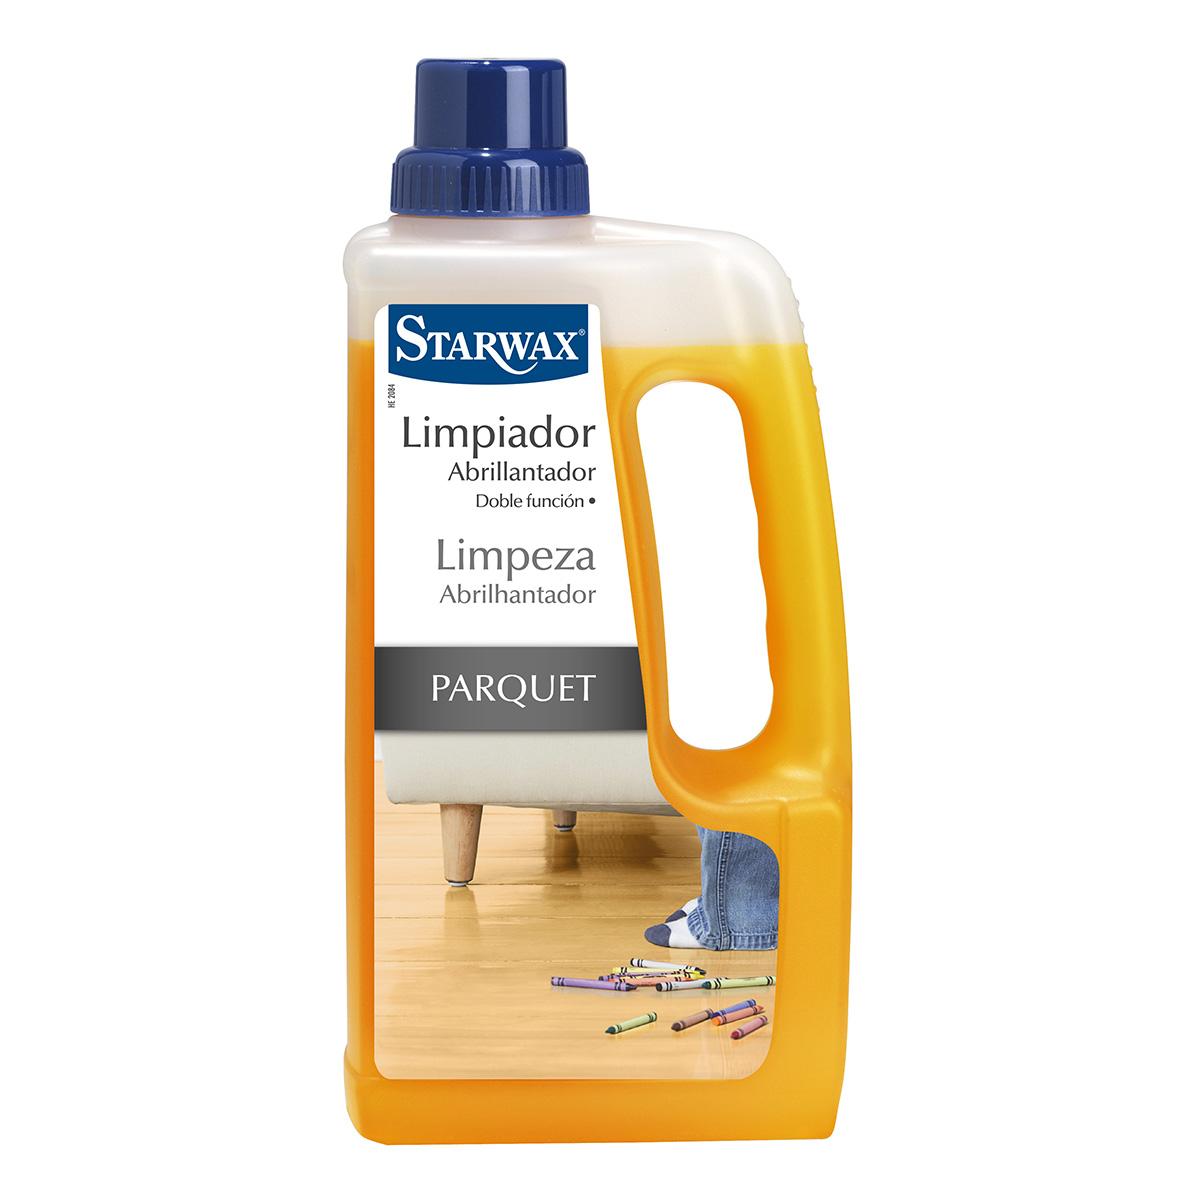 Limpiador abrillantador parquets - Starwax